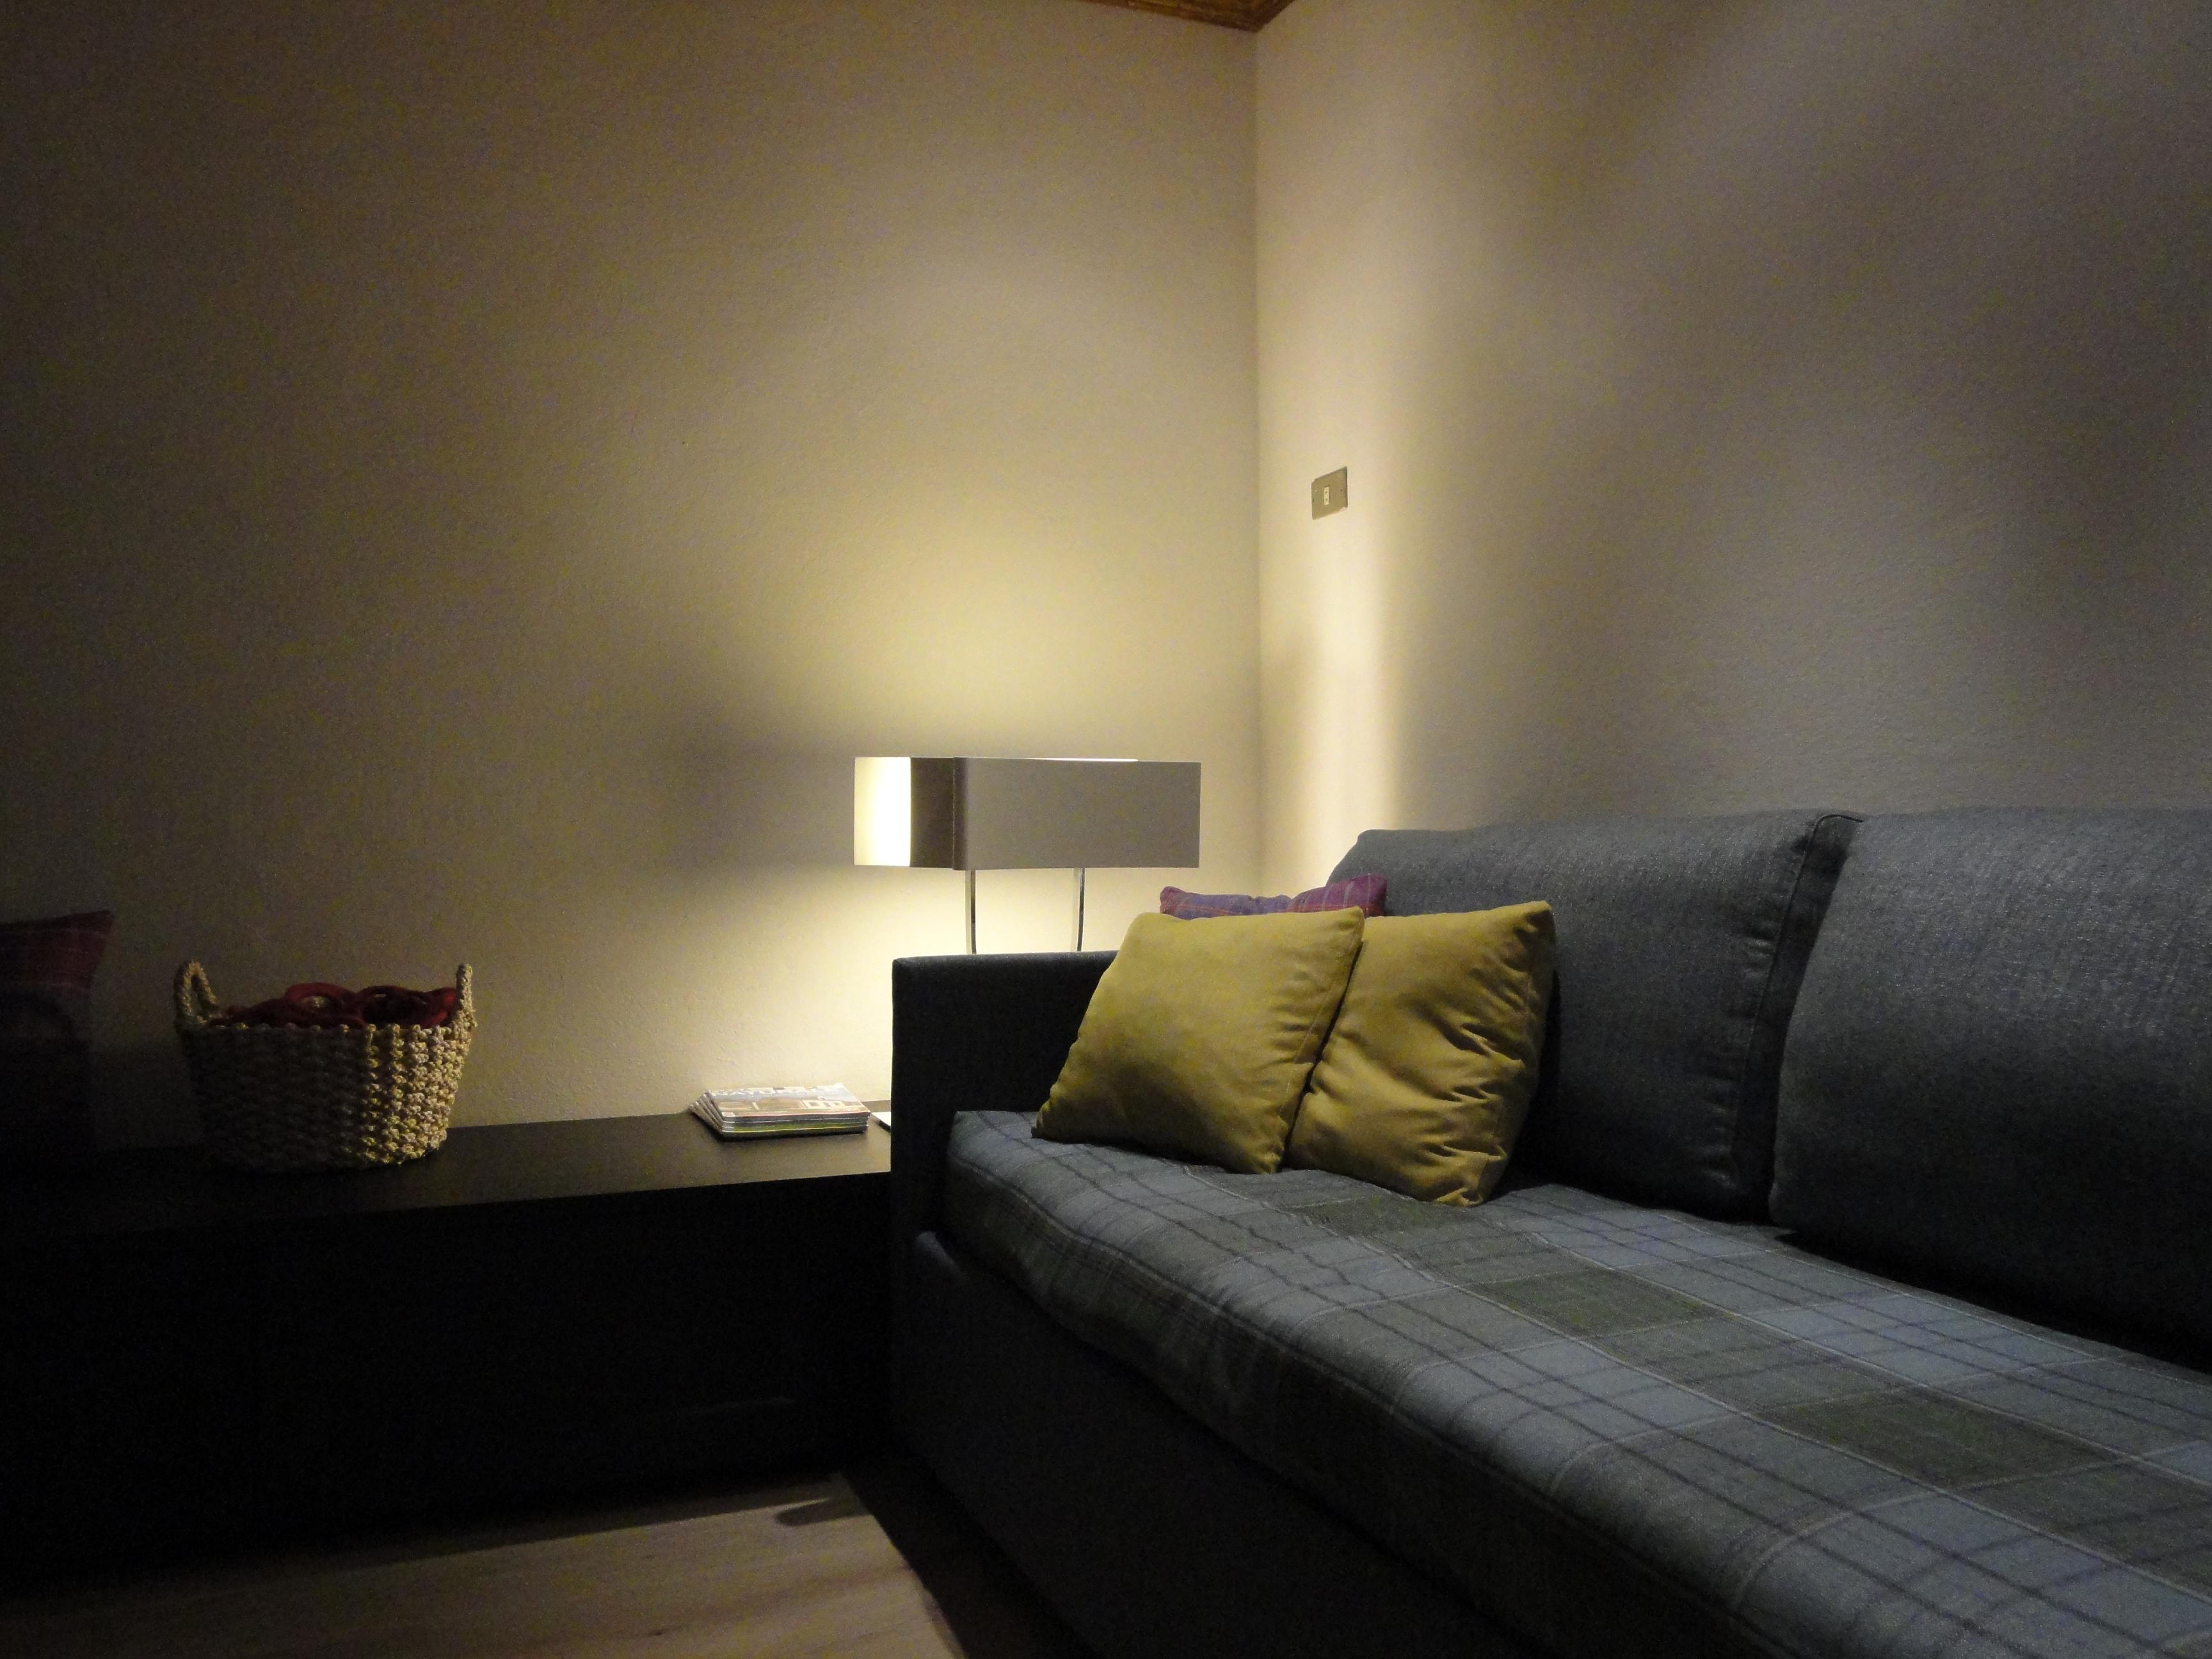 prezzi divani divano letto in offerta - I Migliori Divano Letto Matrimoniale